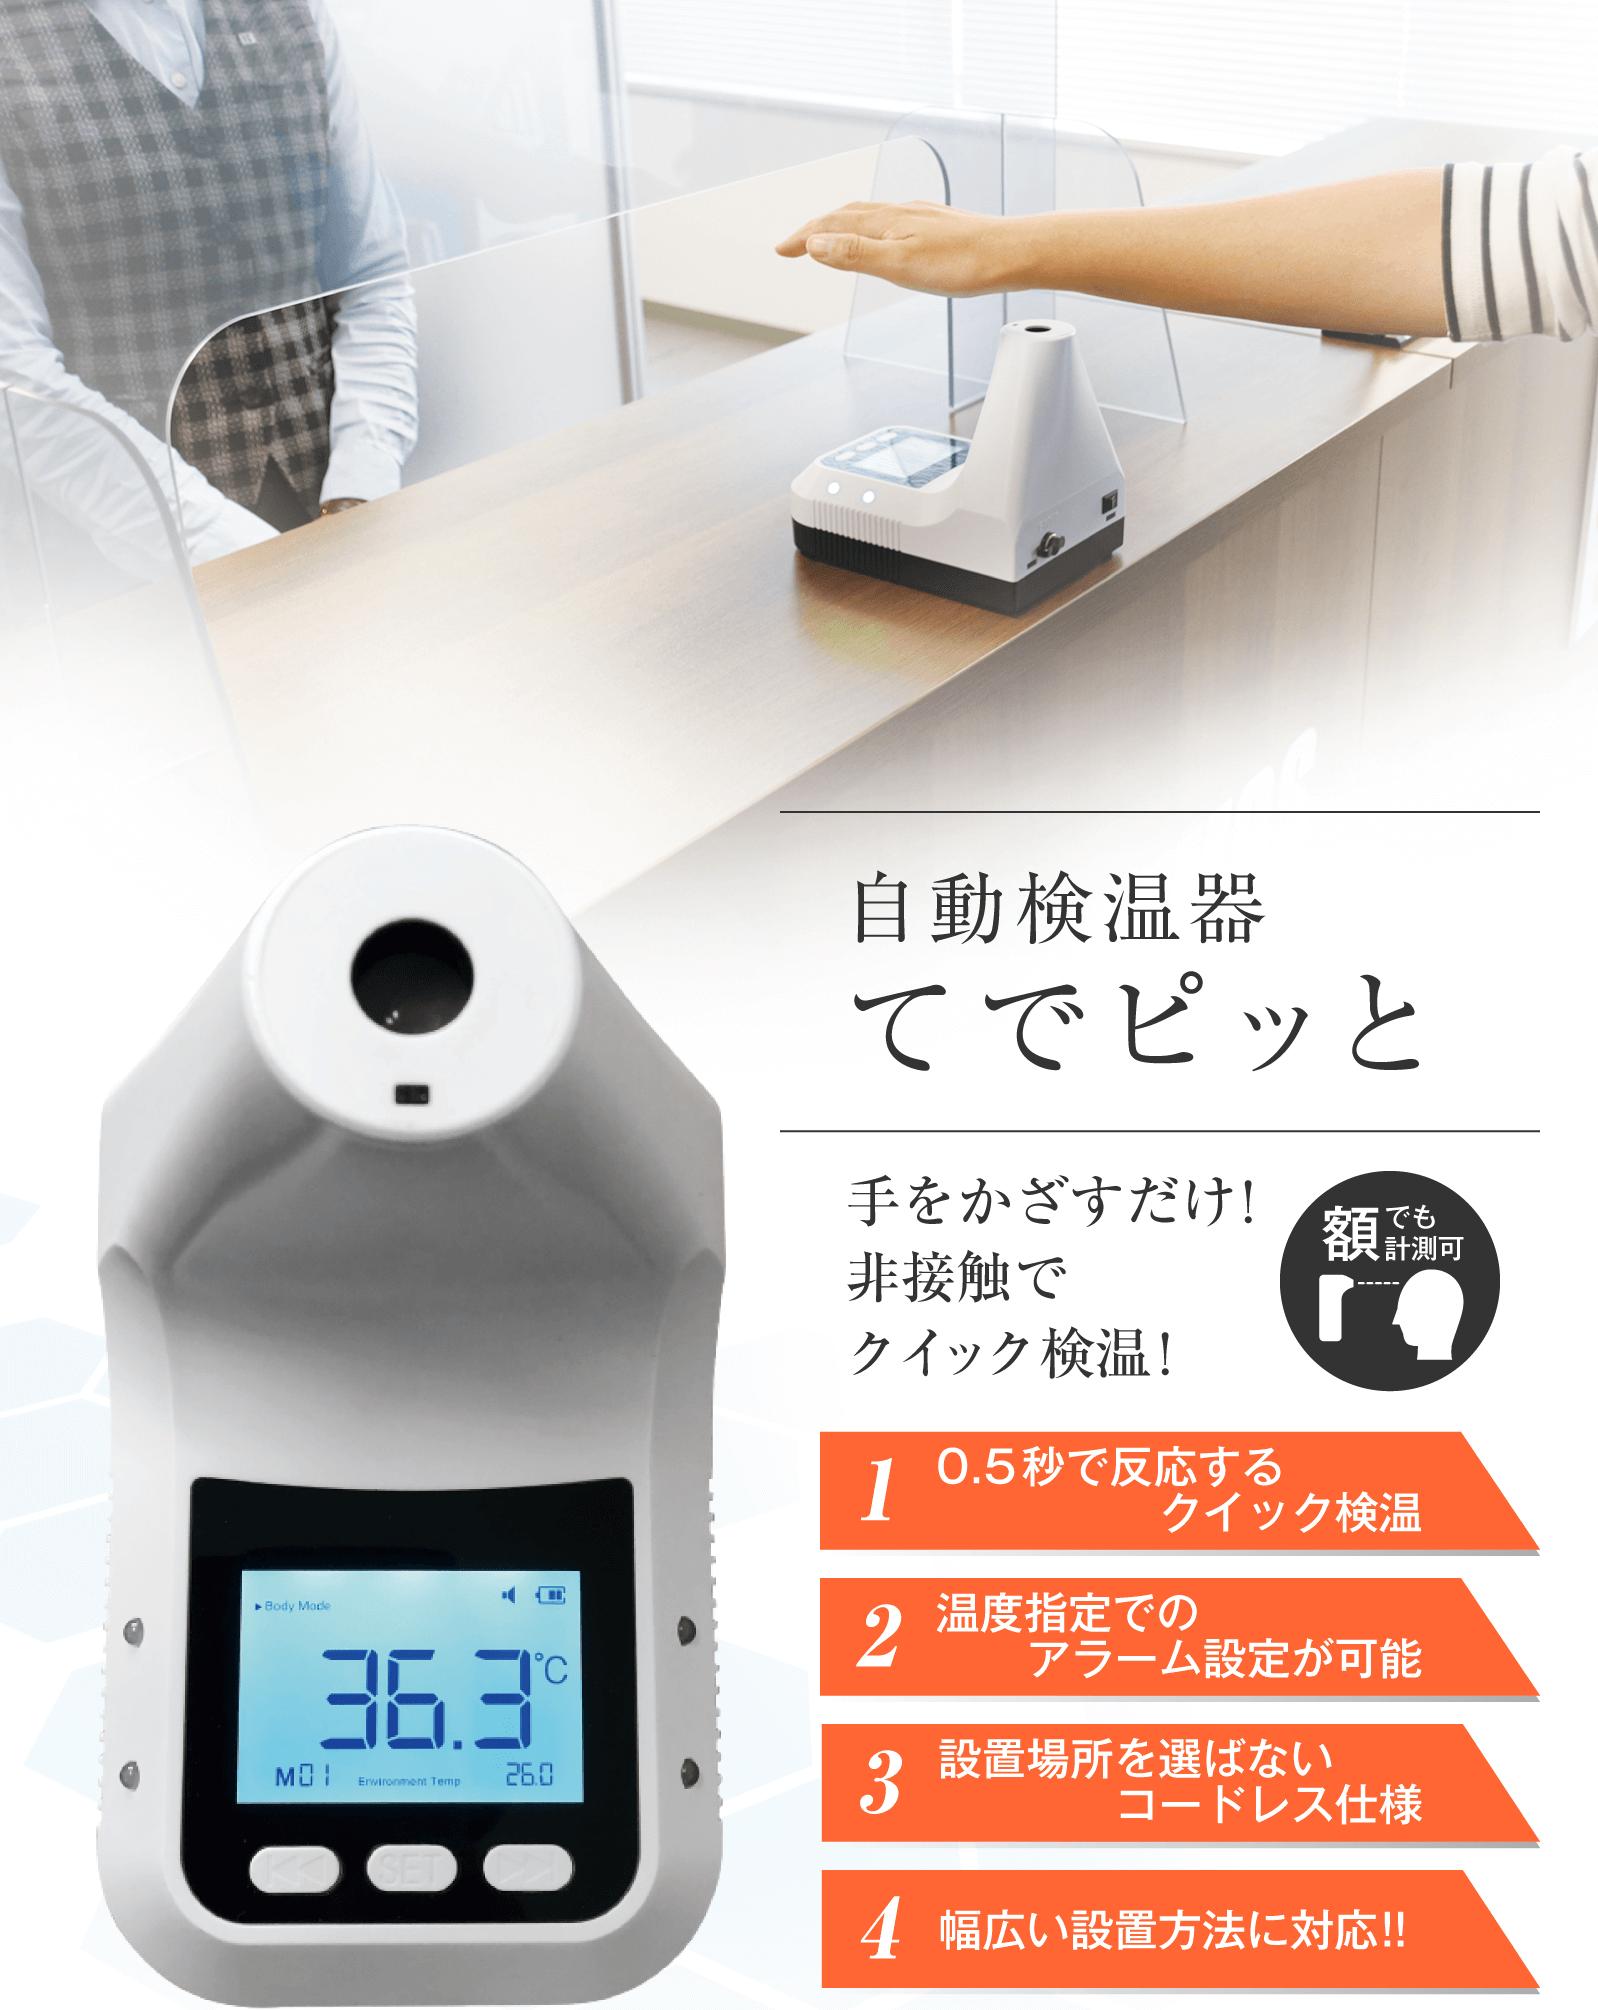 非接触自動検温器 てでピッと 手をかざすだけ!非接触でクイック検温! 日田でも計測可